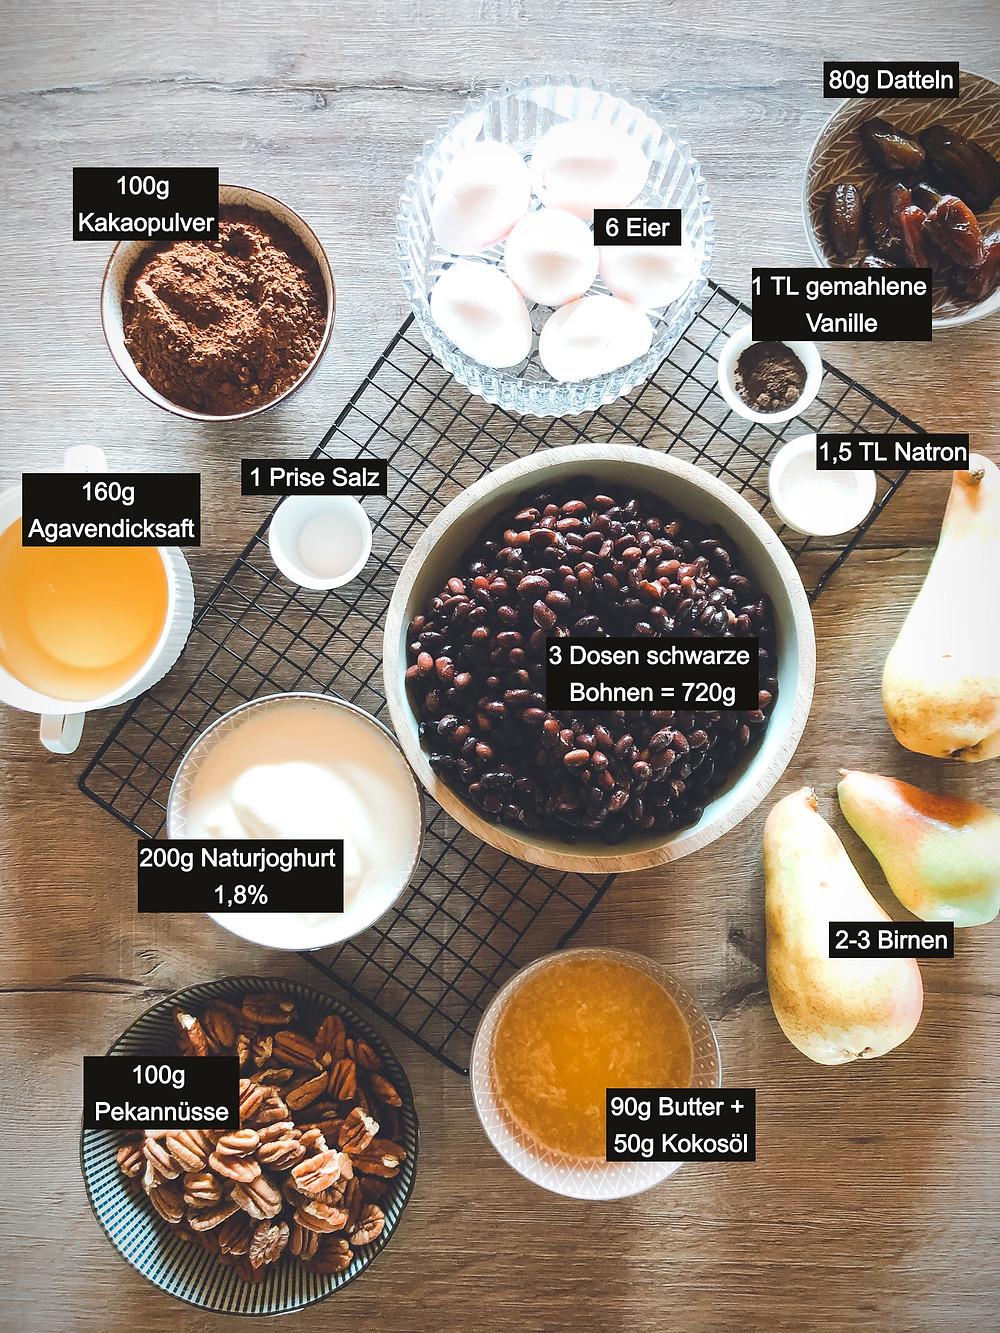 focusflowfood focus flow food healthy recipe gesunder schokoladenkuchen birne helene proteinreich lecker rezept